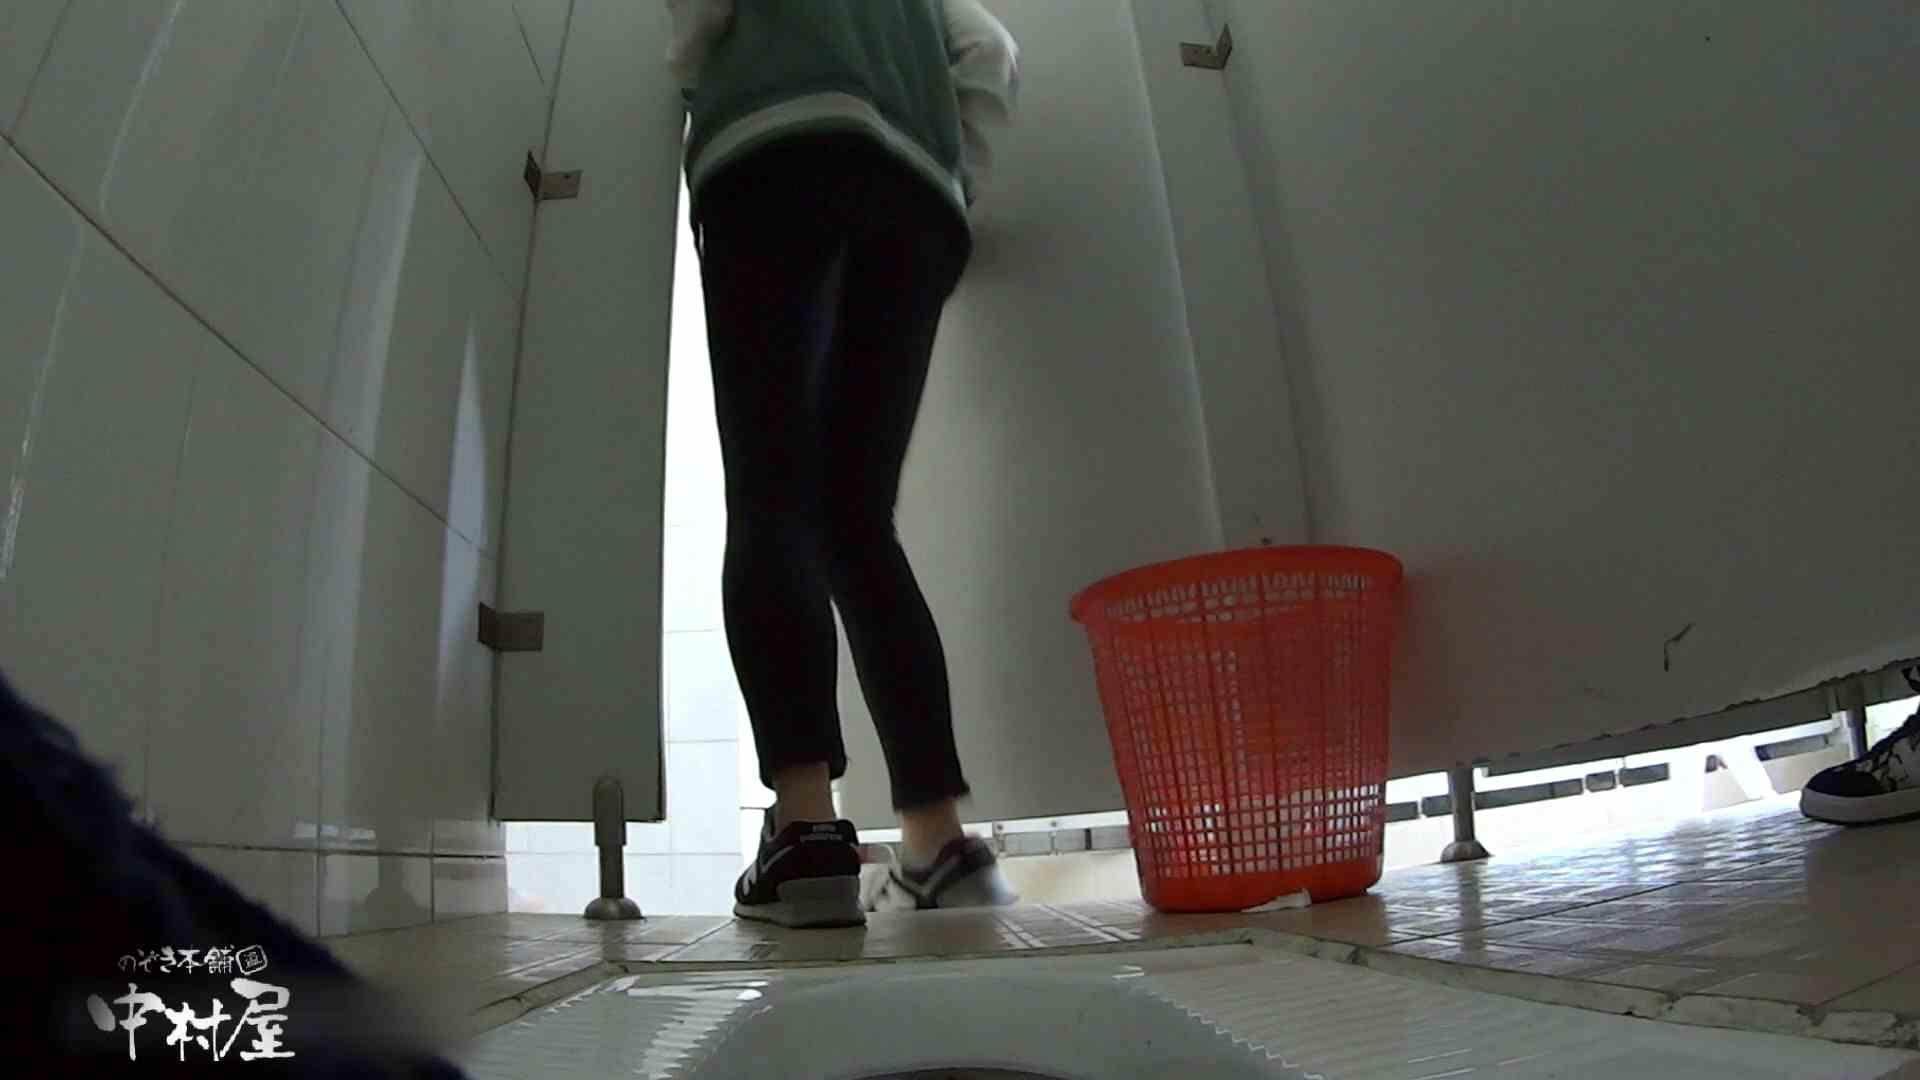 色気のある眼鏡さんの放nyo大学休憩時間の洗面所事情28 洗面所 オマンコ動画キャプチャ 91連発 69